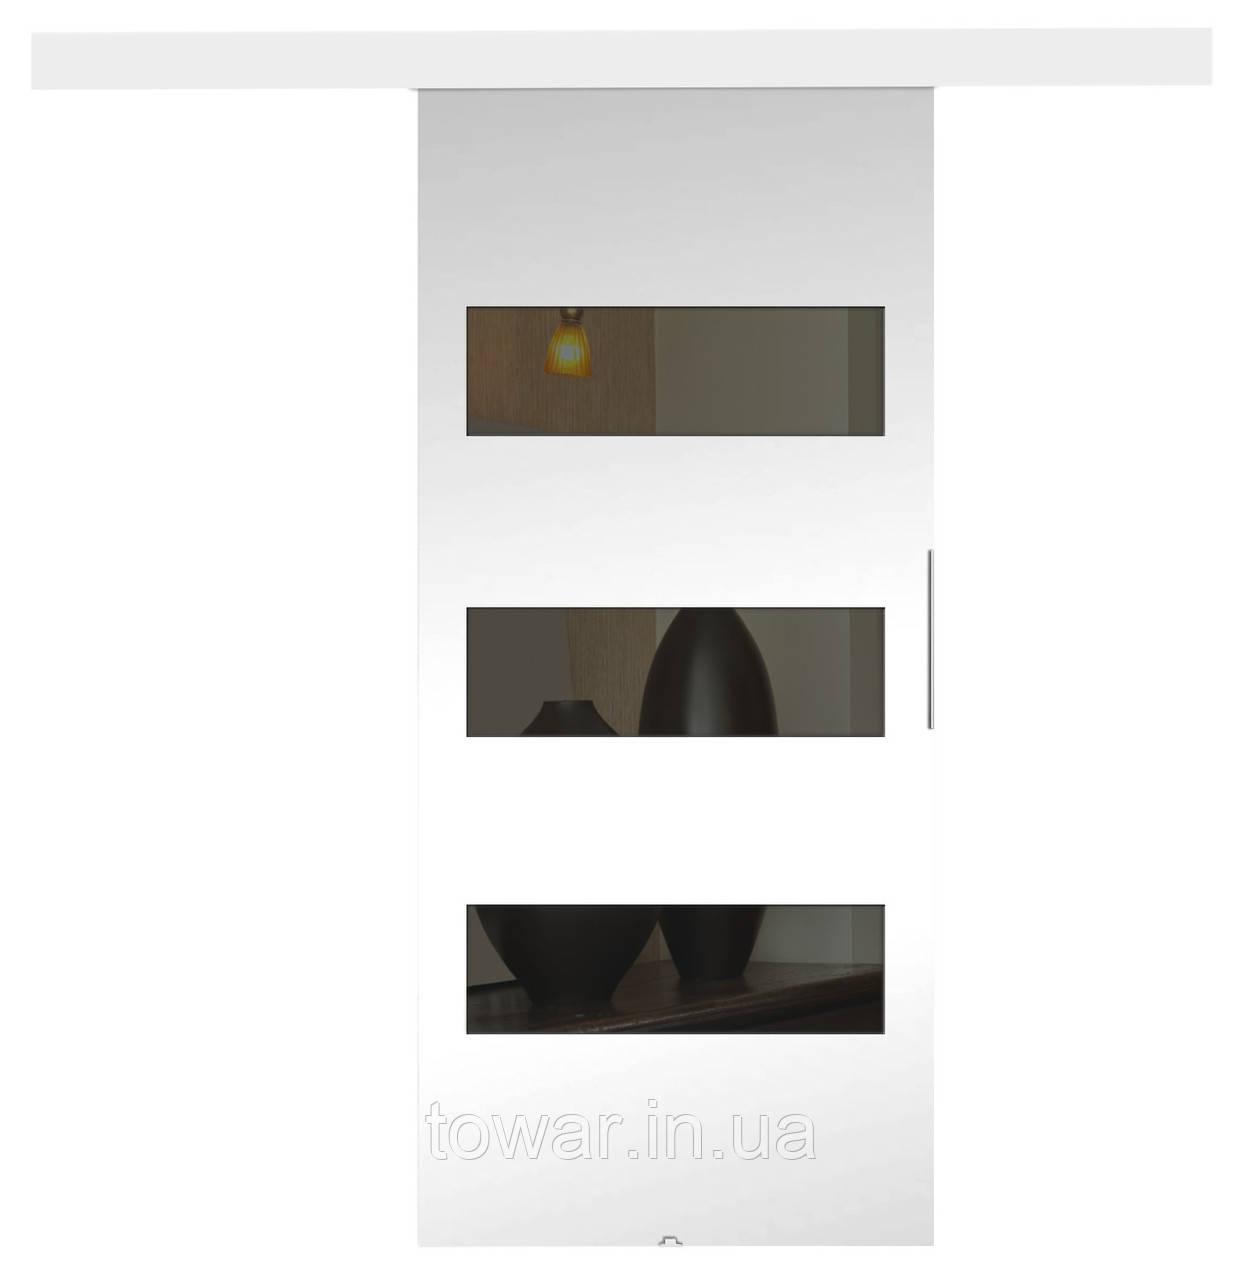 """Двери настенные раздвижные левые / правые модель: """"ТОП 2"""" цвет БЕЛЫЙ"""